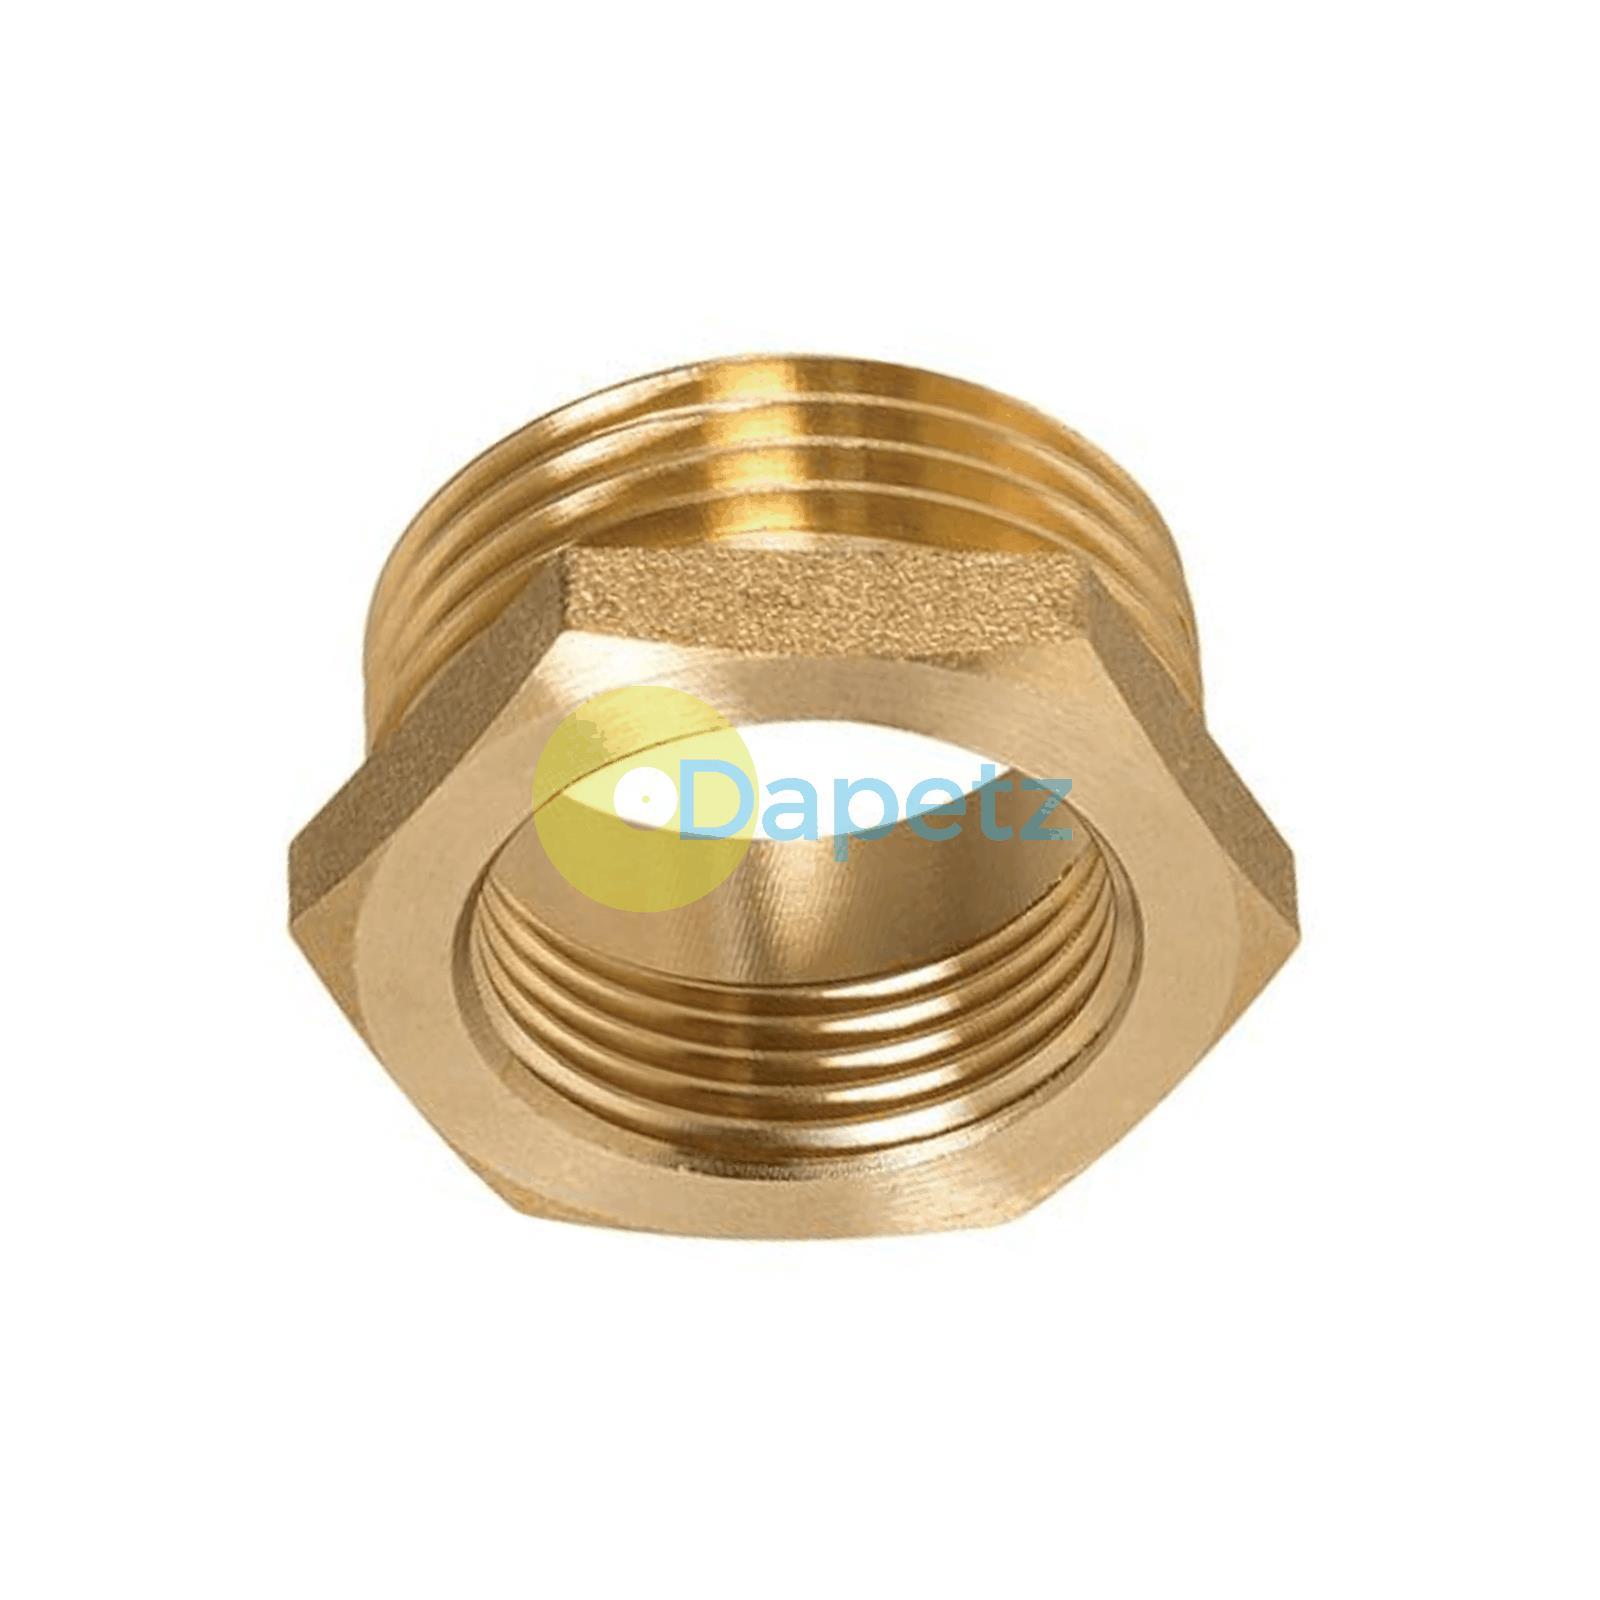 Brass-Reducing-Hexagone-Bush-BSP-Male-a-Femelle-Adaptateur-Connecteur-WRAS-approuves miniature 13